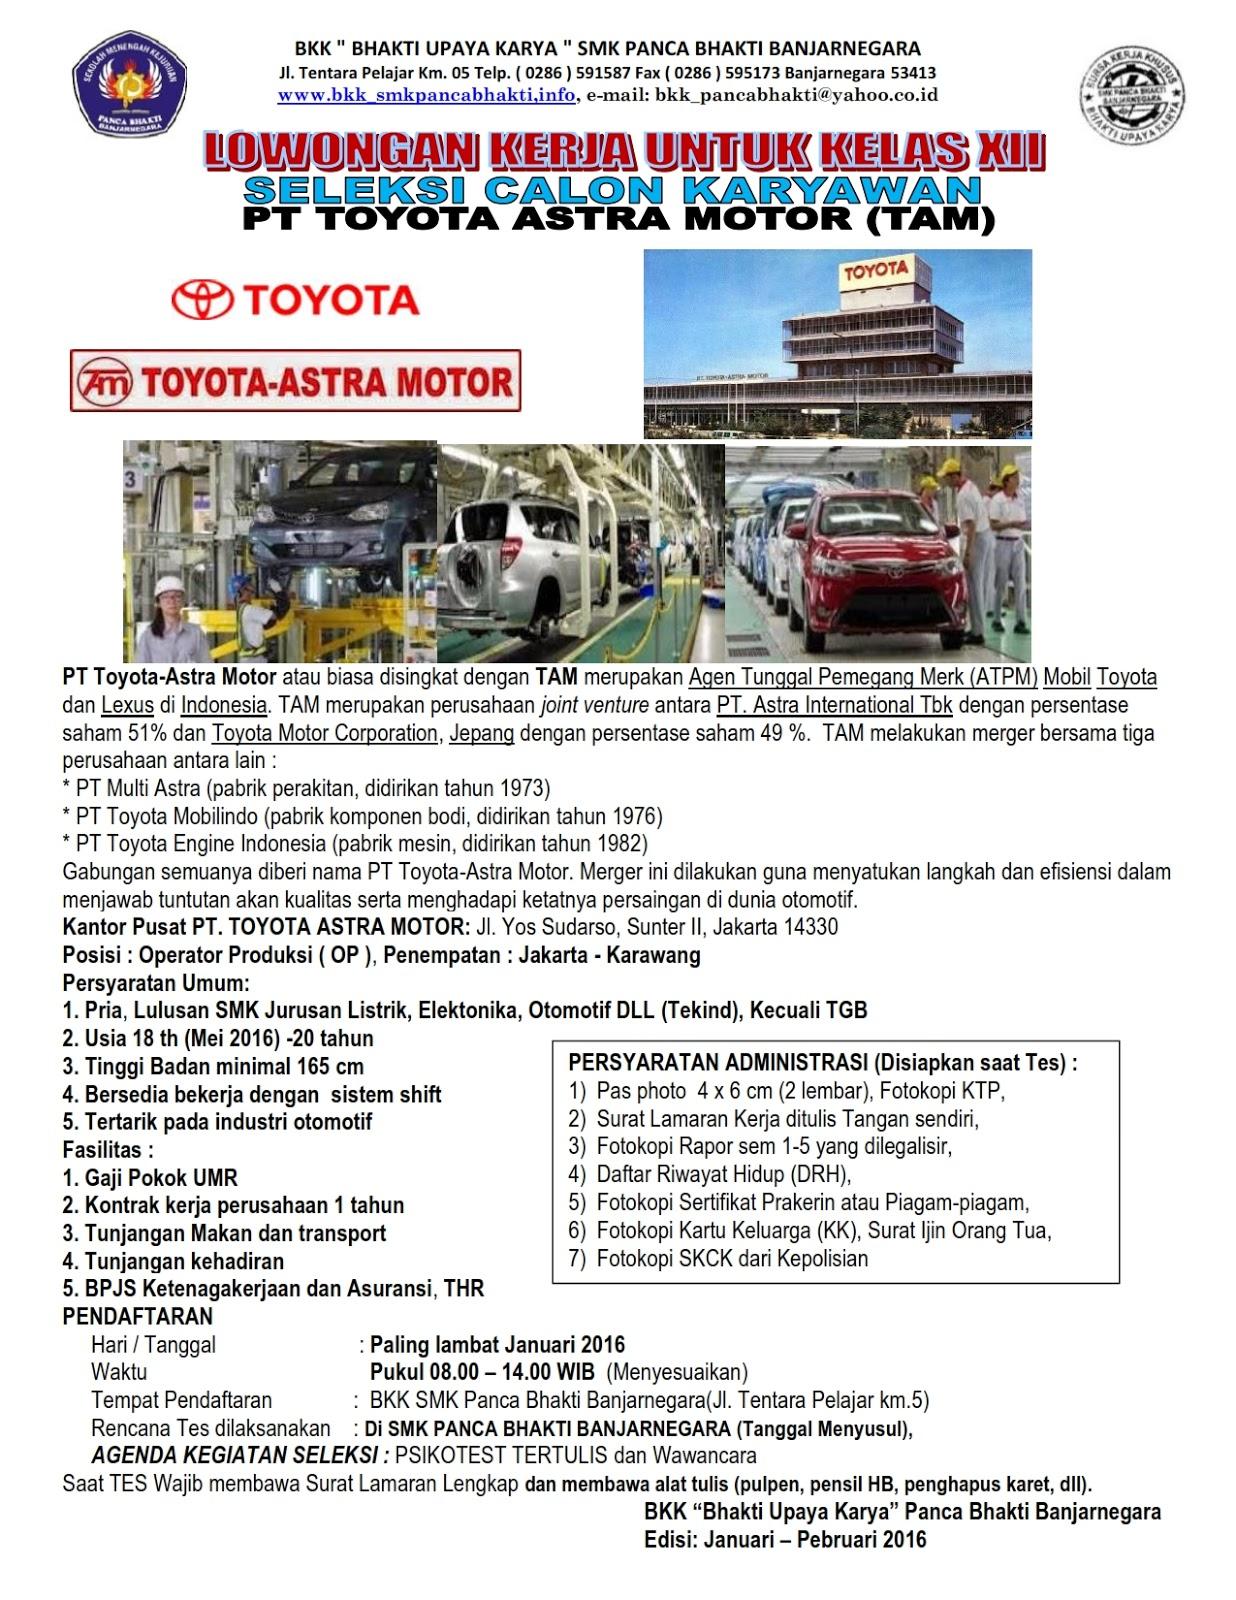 Info kerja posisi operator produksi di pt toyota astra motor